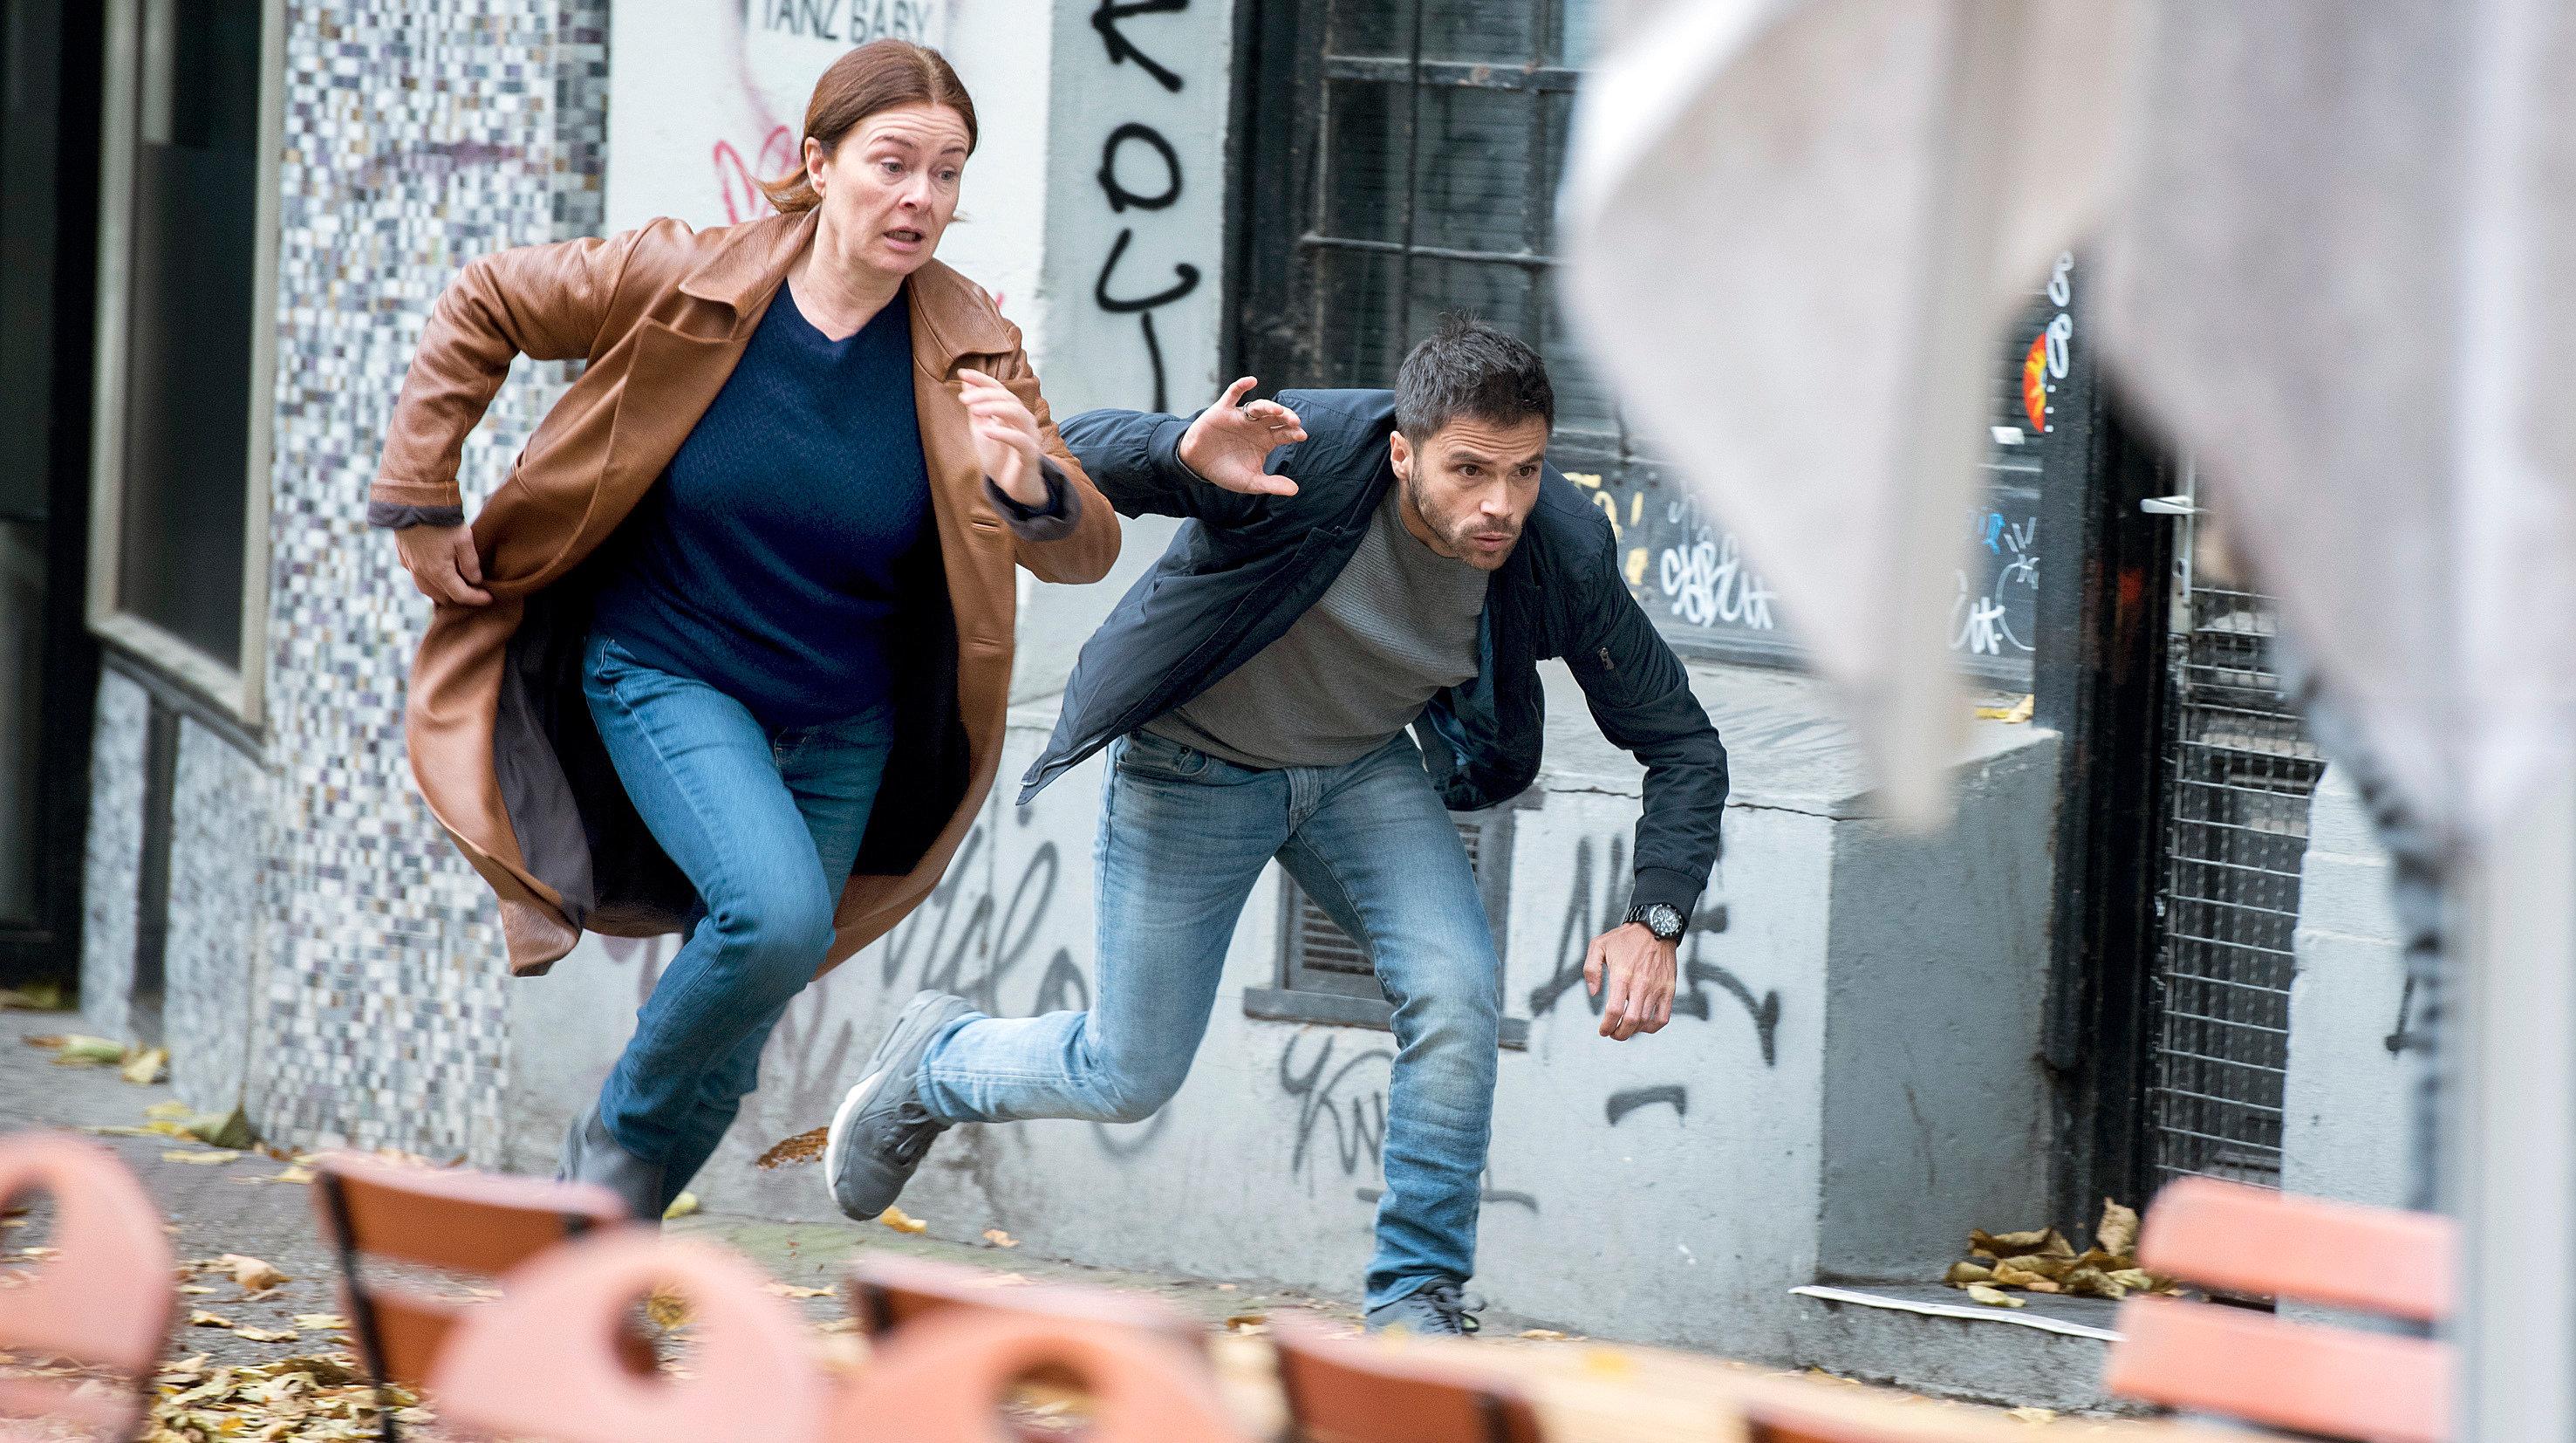 Die Schauspieler Lina Wendel als Anne Marie Fuchs und Karim Cherif als Youssef El Kilali in einer Szene des Films